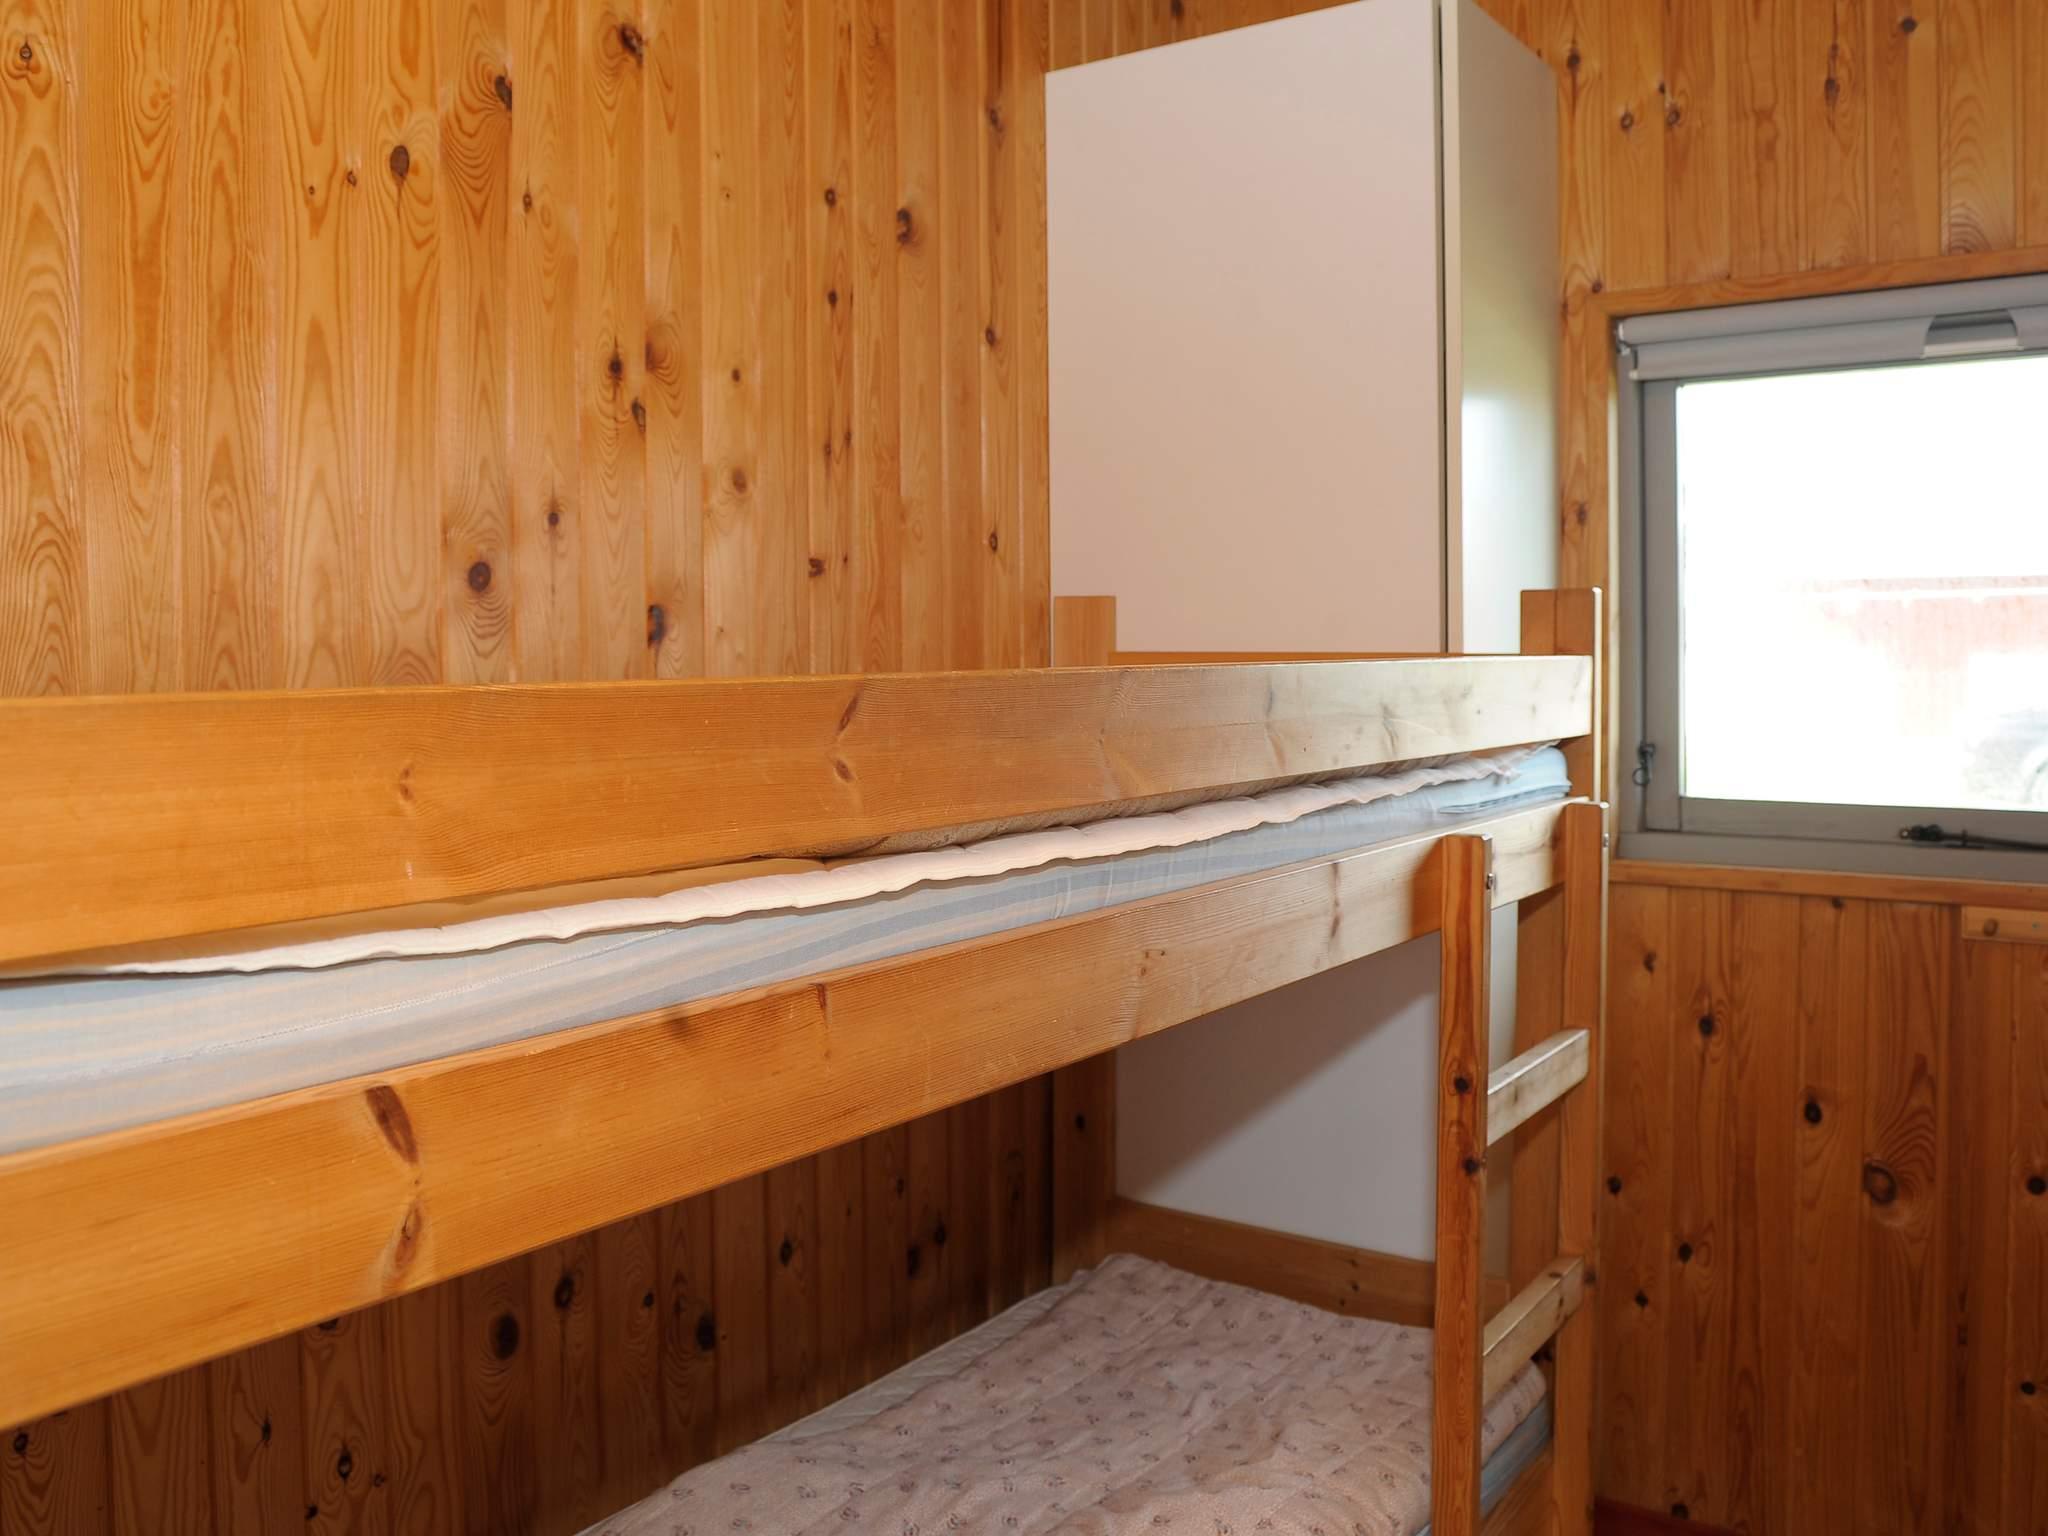 Ferienhaus Vejlby Klit (88945), Harboøre, , Limfjord, Dänemark, Bild 11